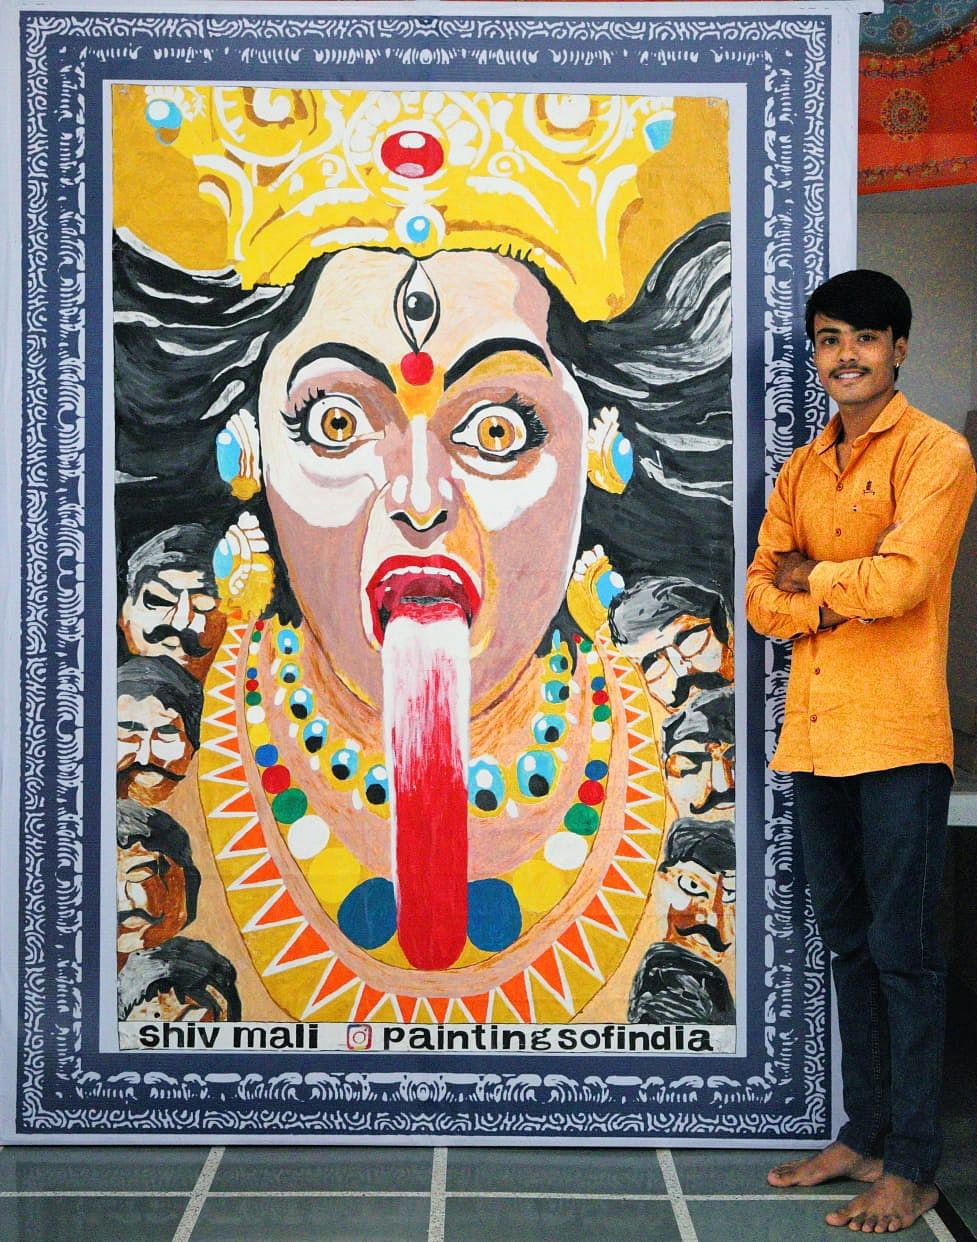 गिनिज बुक अवार्डी शिव माली की कालका माता की पेंटिंग ढीकोला में प्रदर्शित होगी